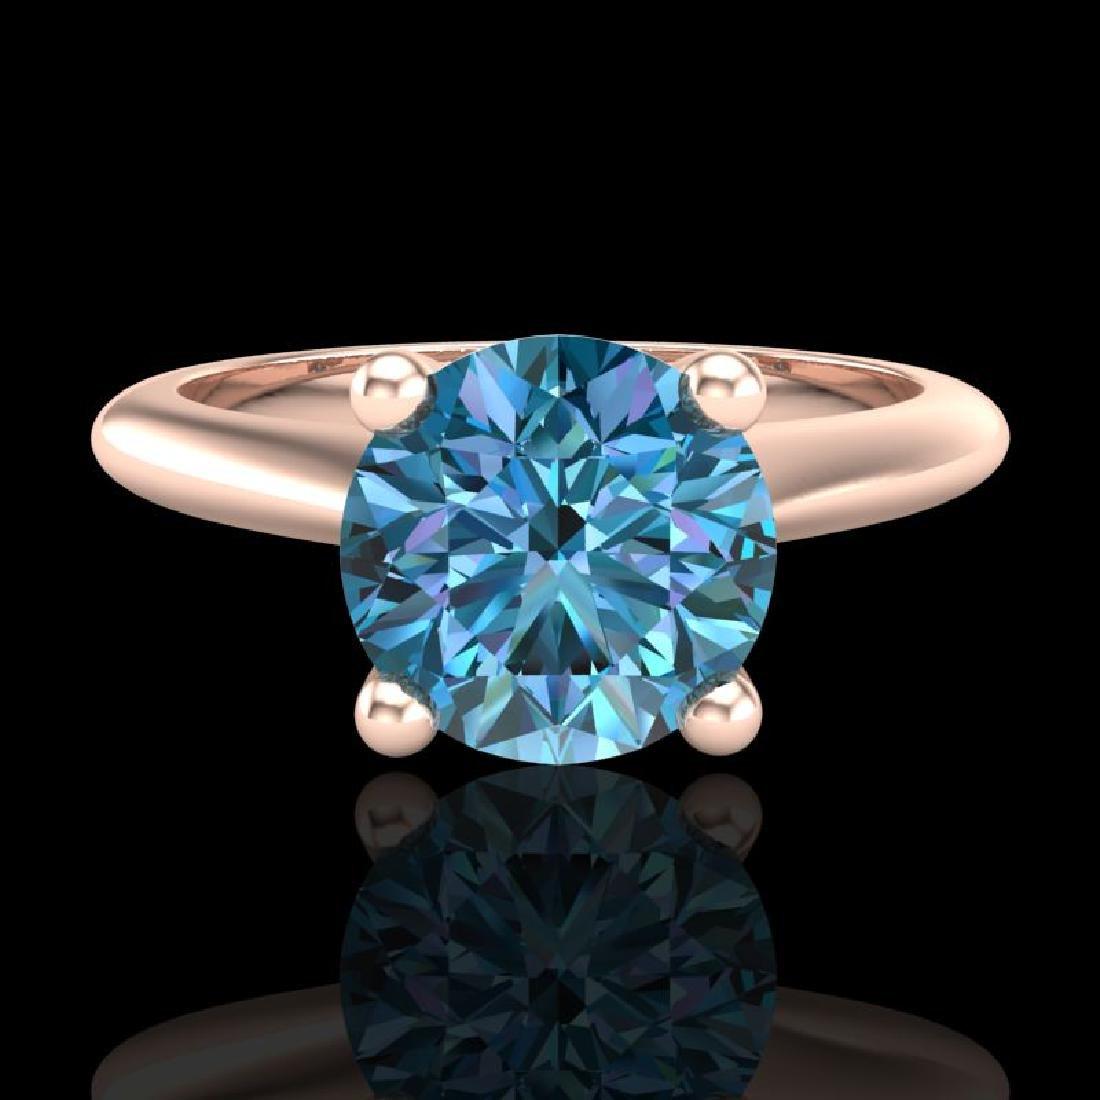 1.6 CTW Intense Blue Diamond Solitaire Engagement Art - 2